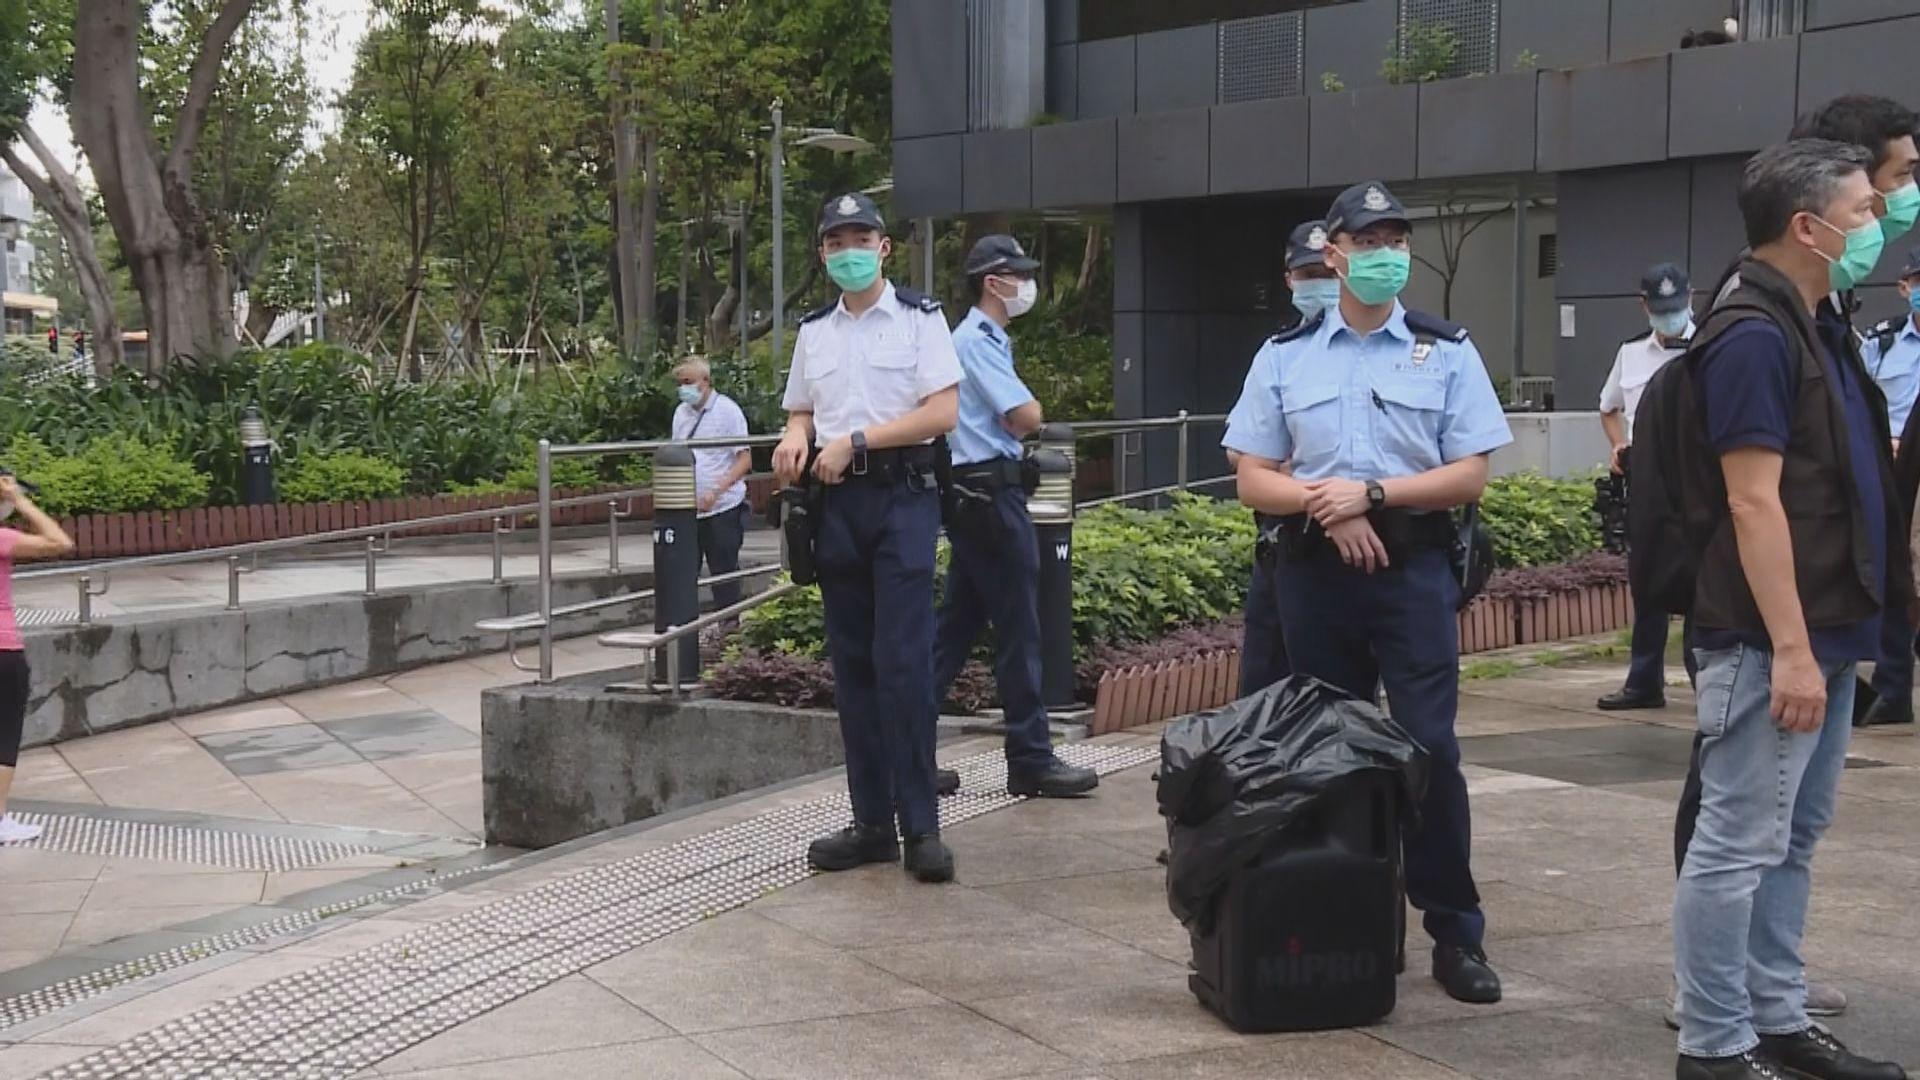 消息指警方留意有人號召到其他地區悼念 會視乎情況採取行動